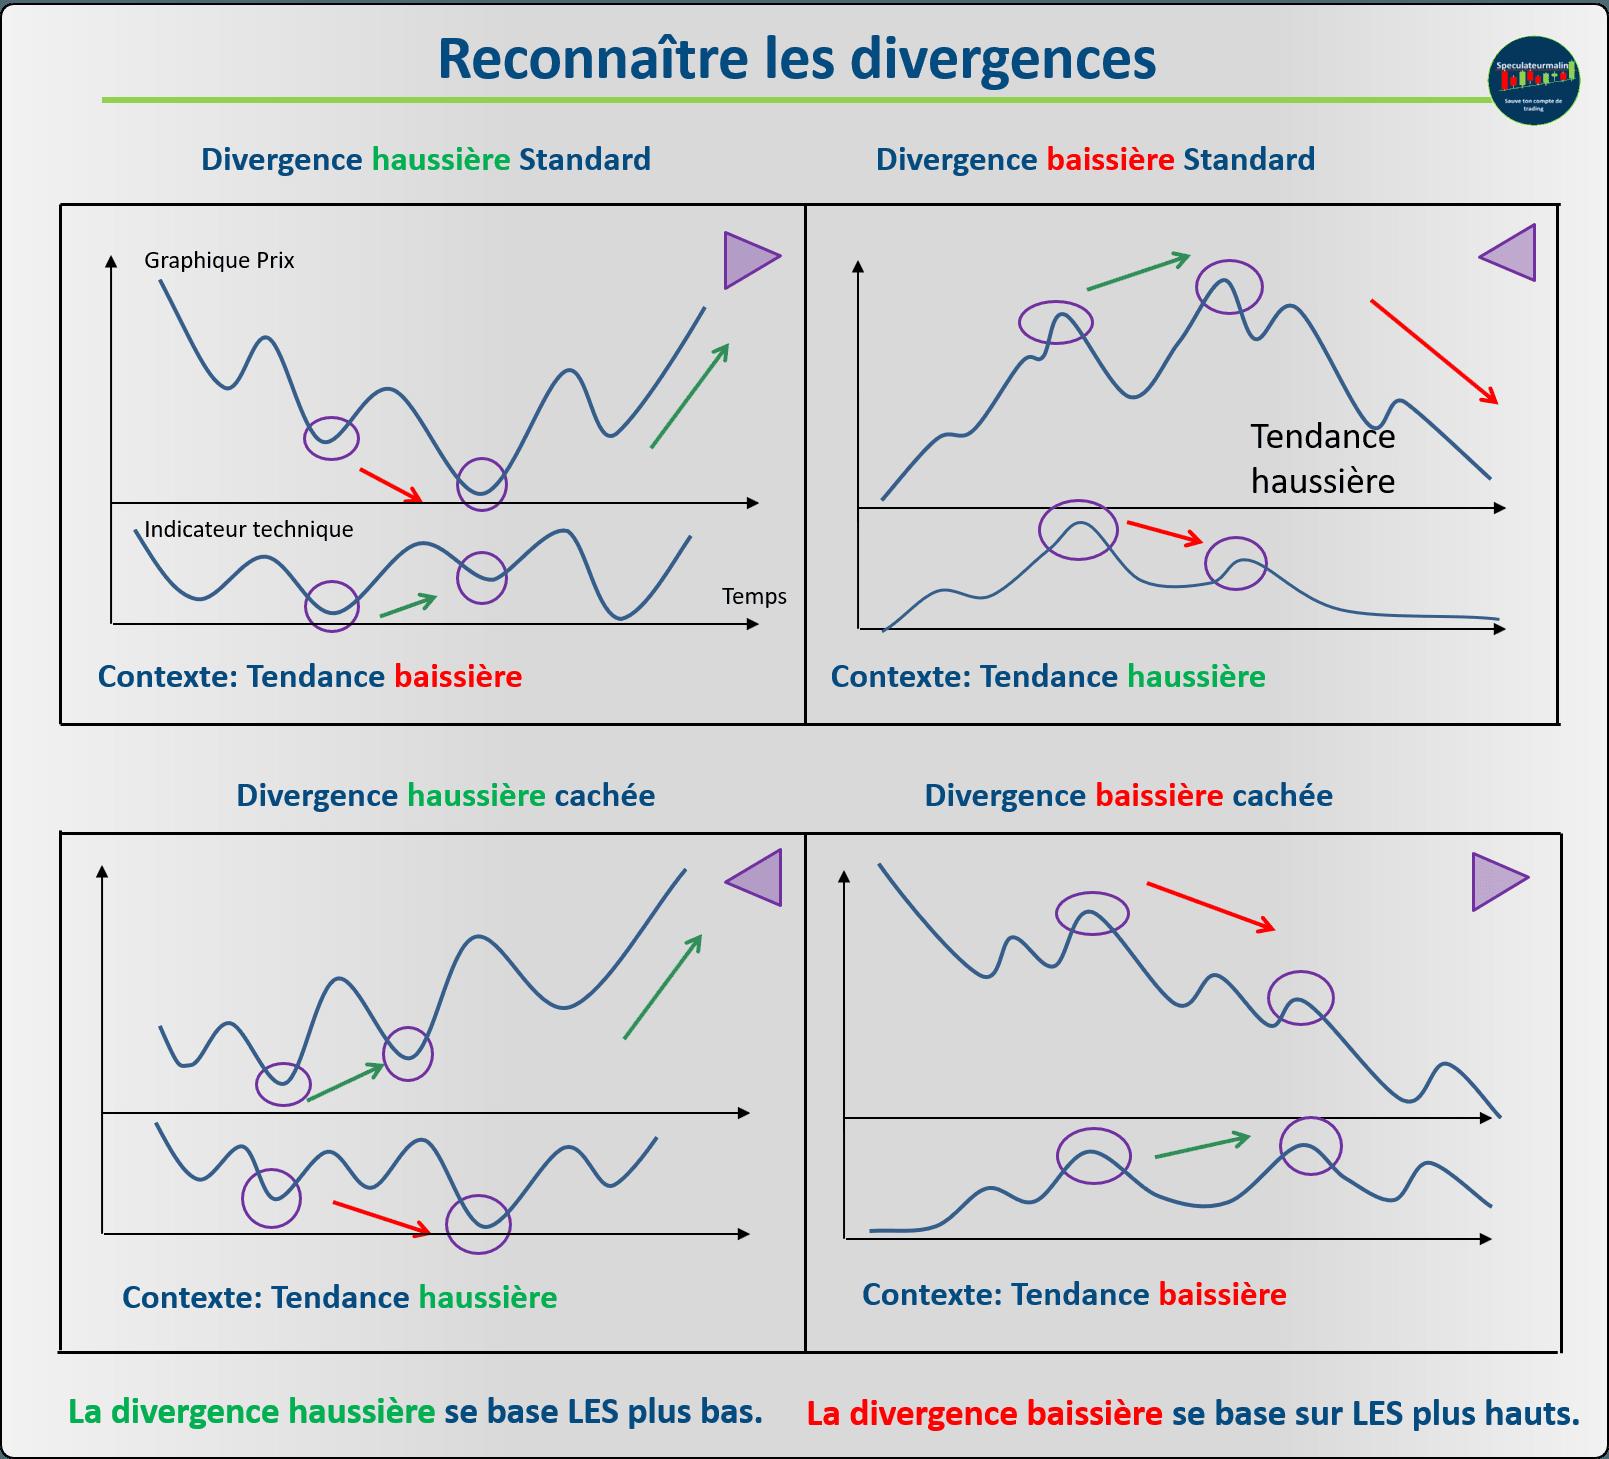 Infographie pour comprendre et savoir comment utiliser les divergences en trading